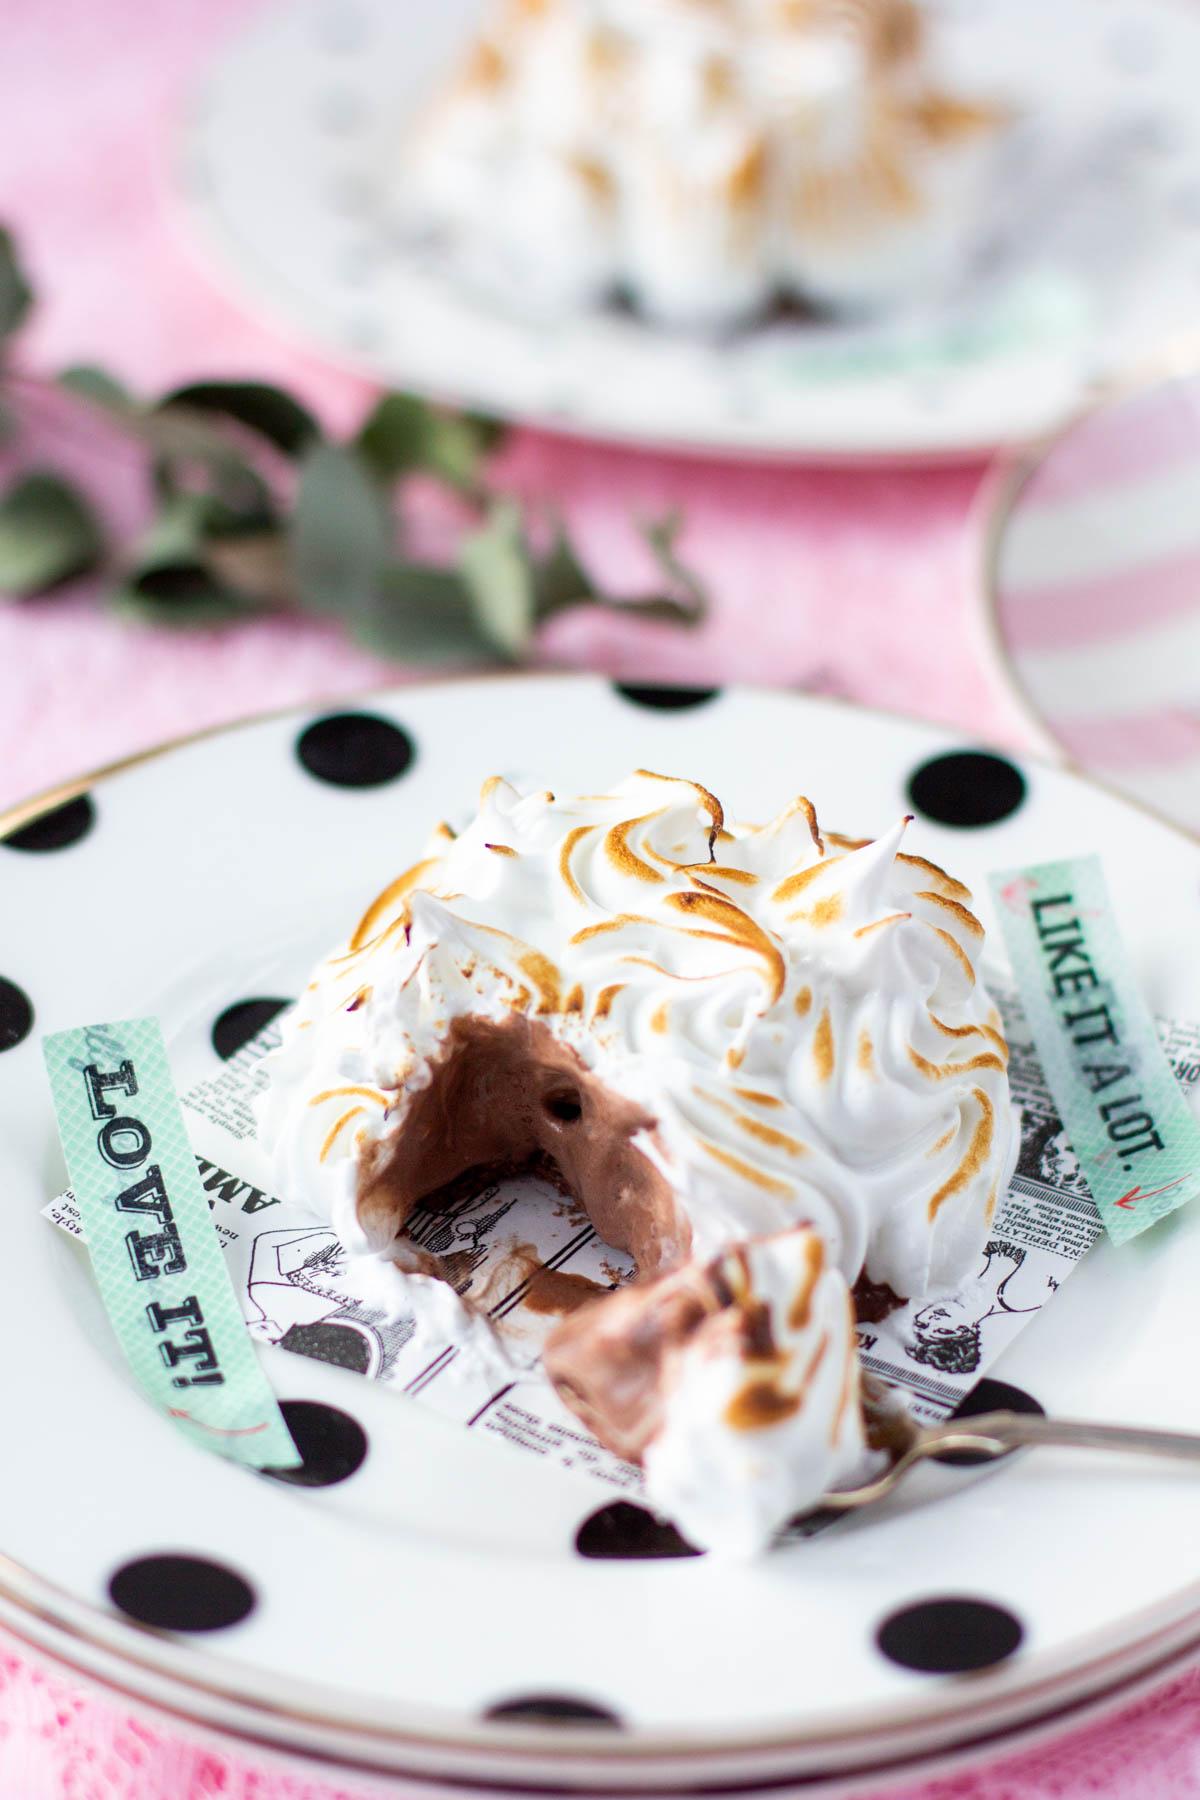 Pieni jäätelökakku marengilla sisäkuva